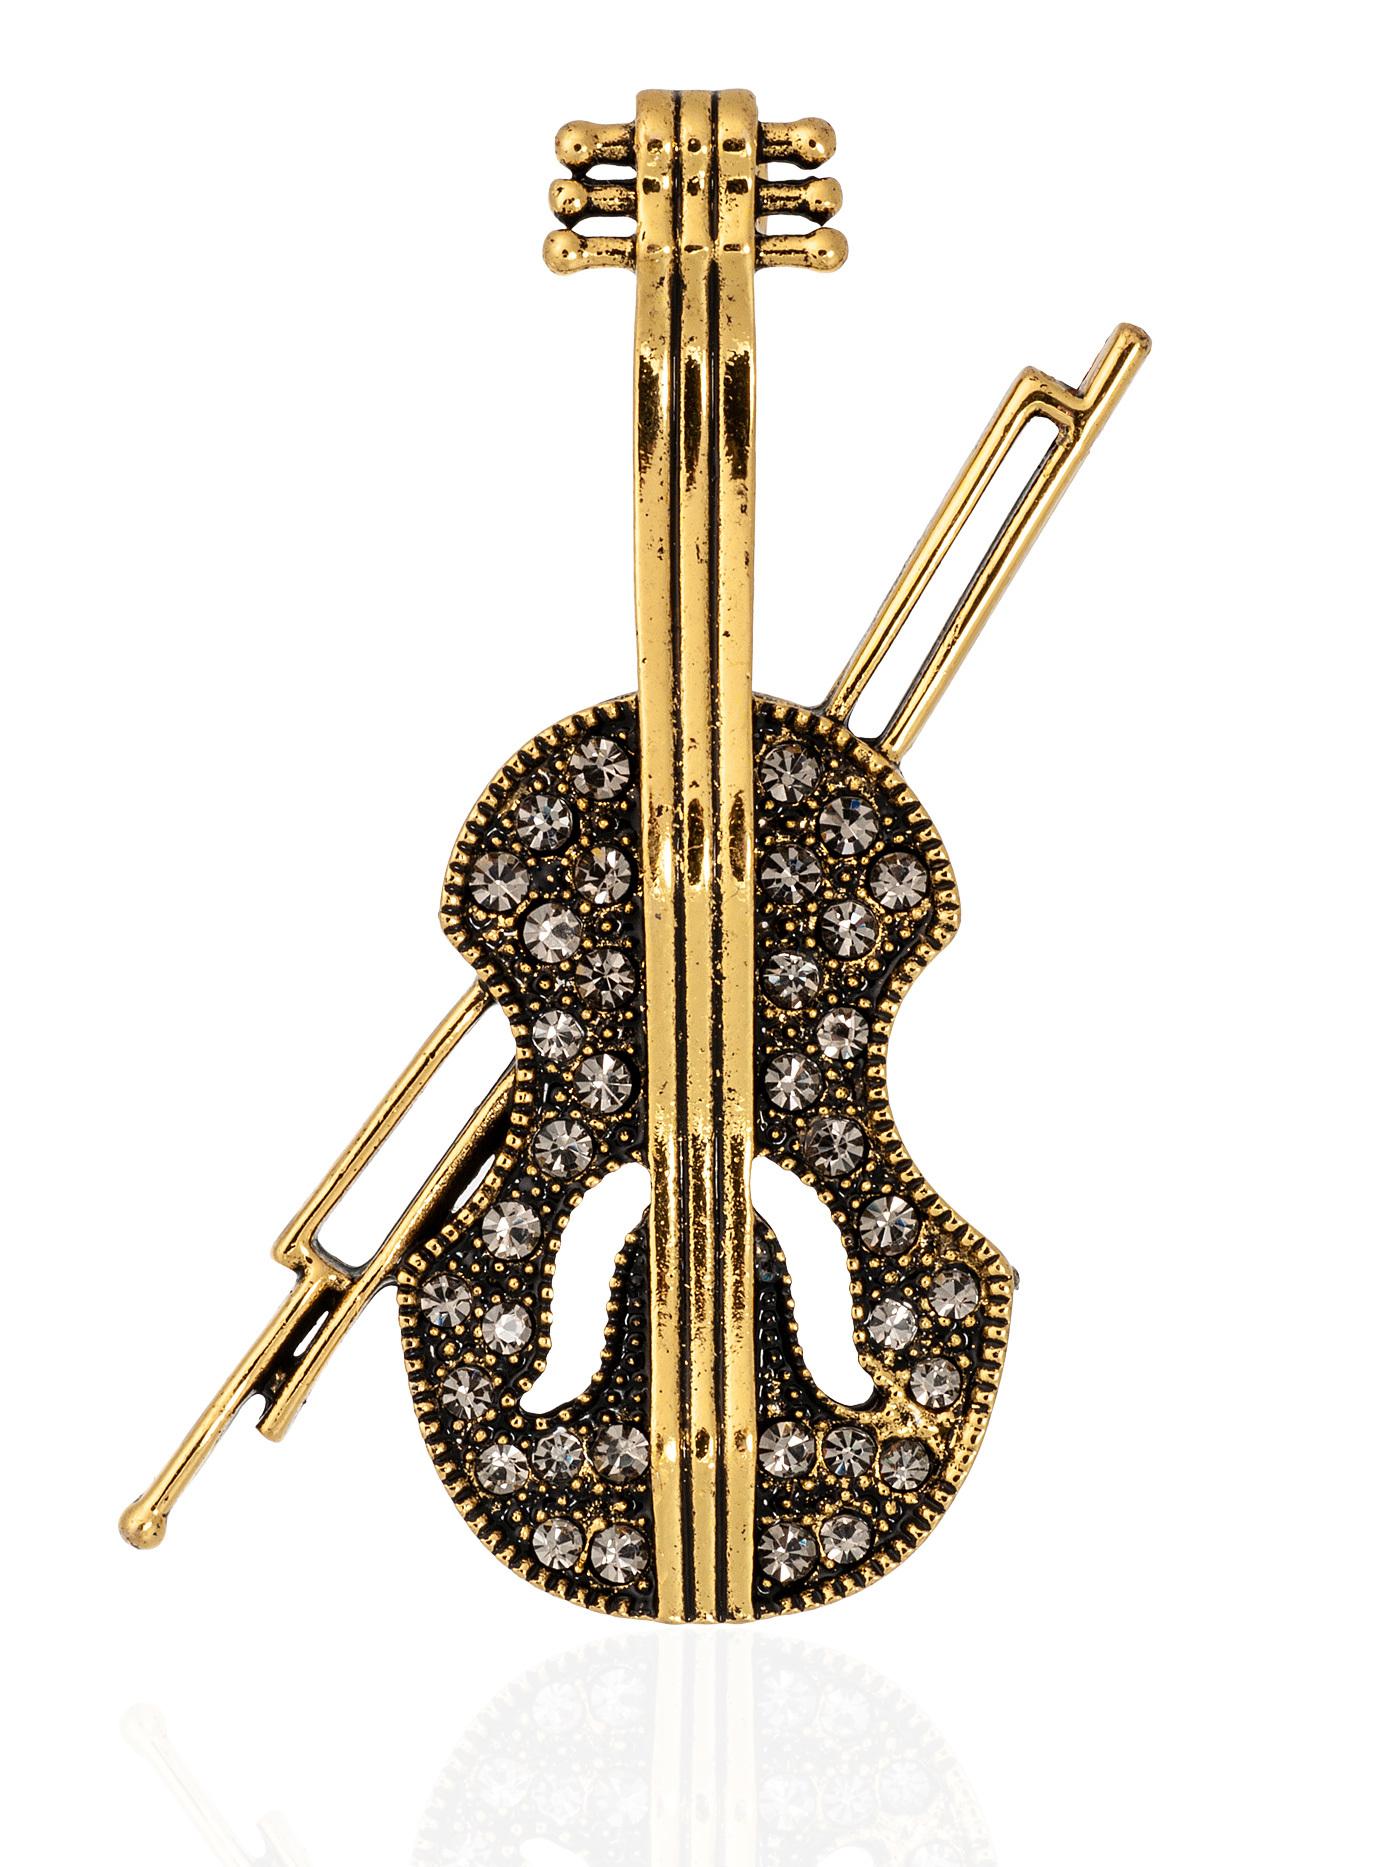 Брошь Виолончель, подарок музыканту, учителю музыки